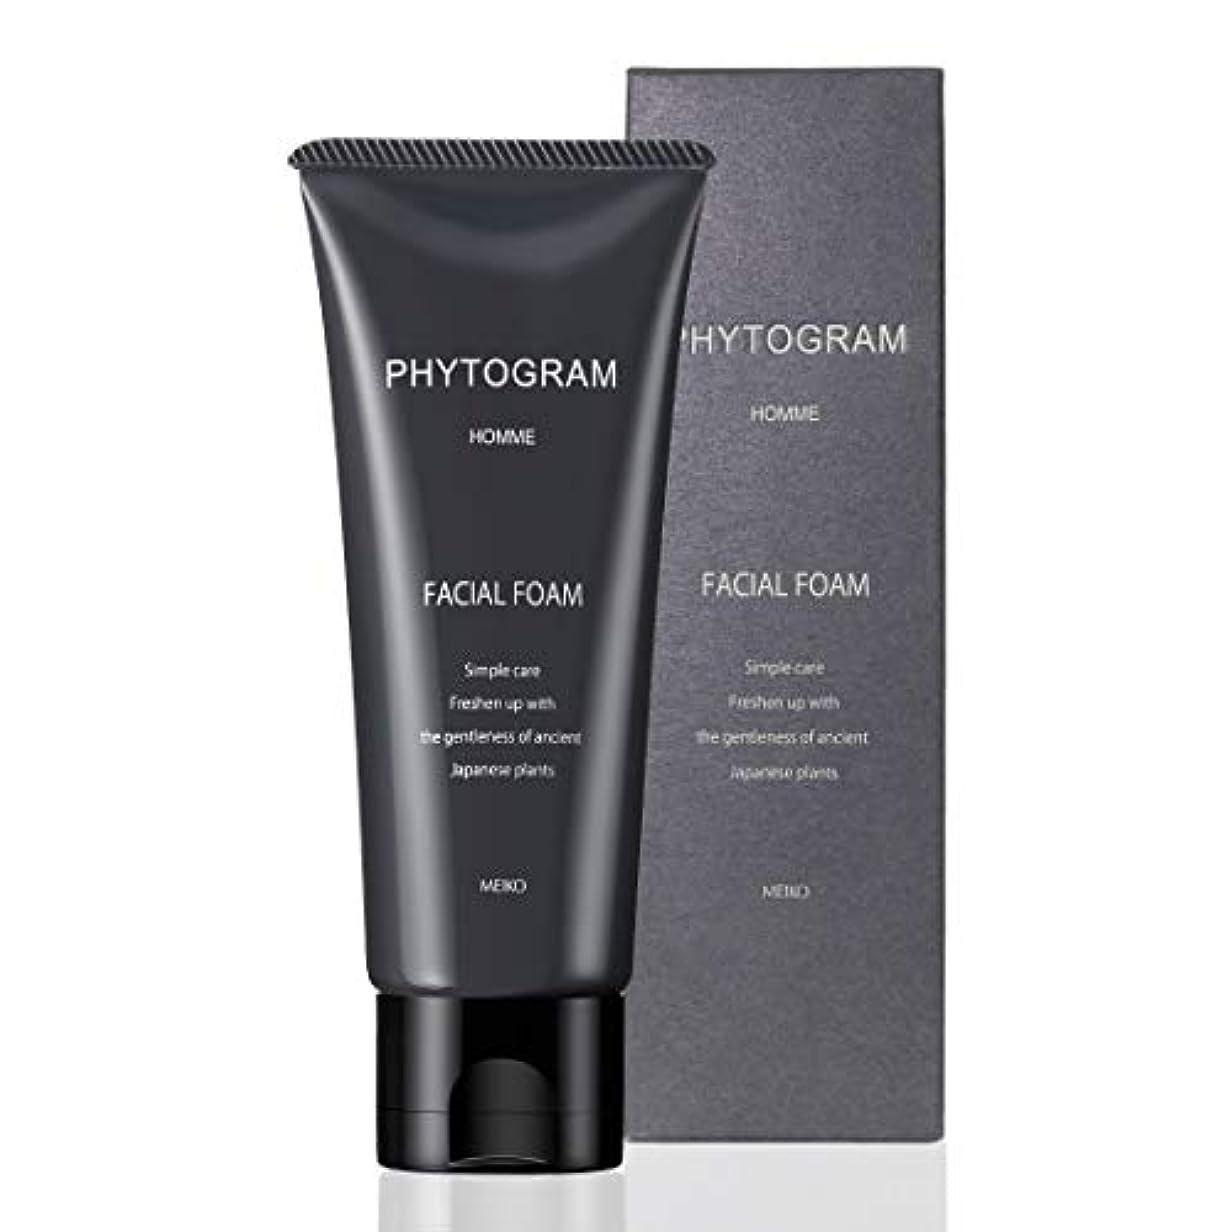 内なる旋回舗装メンズ フェイシャルフォーム 100g ( 男性用 洗顔クリーム 洗顔料 保湿 ナチュラル 植物 日本製 )【 フィトグラム 】